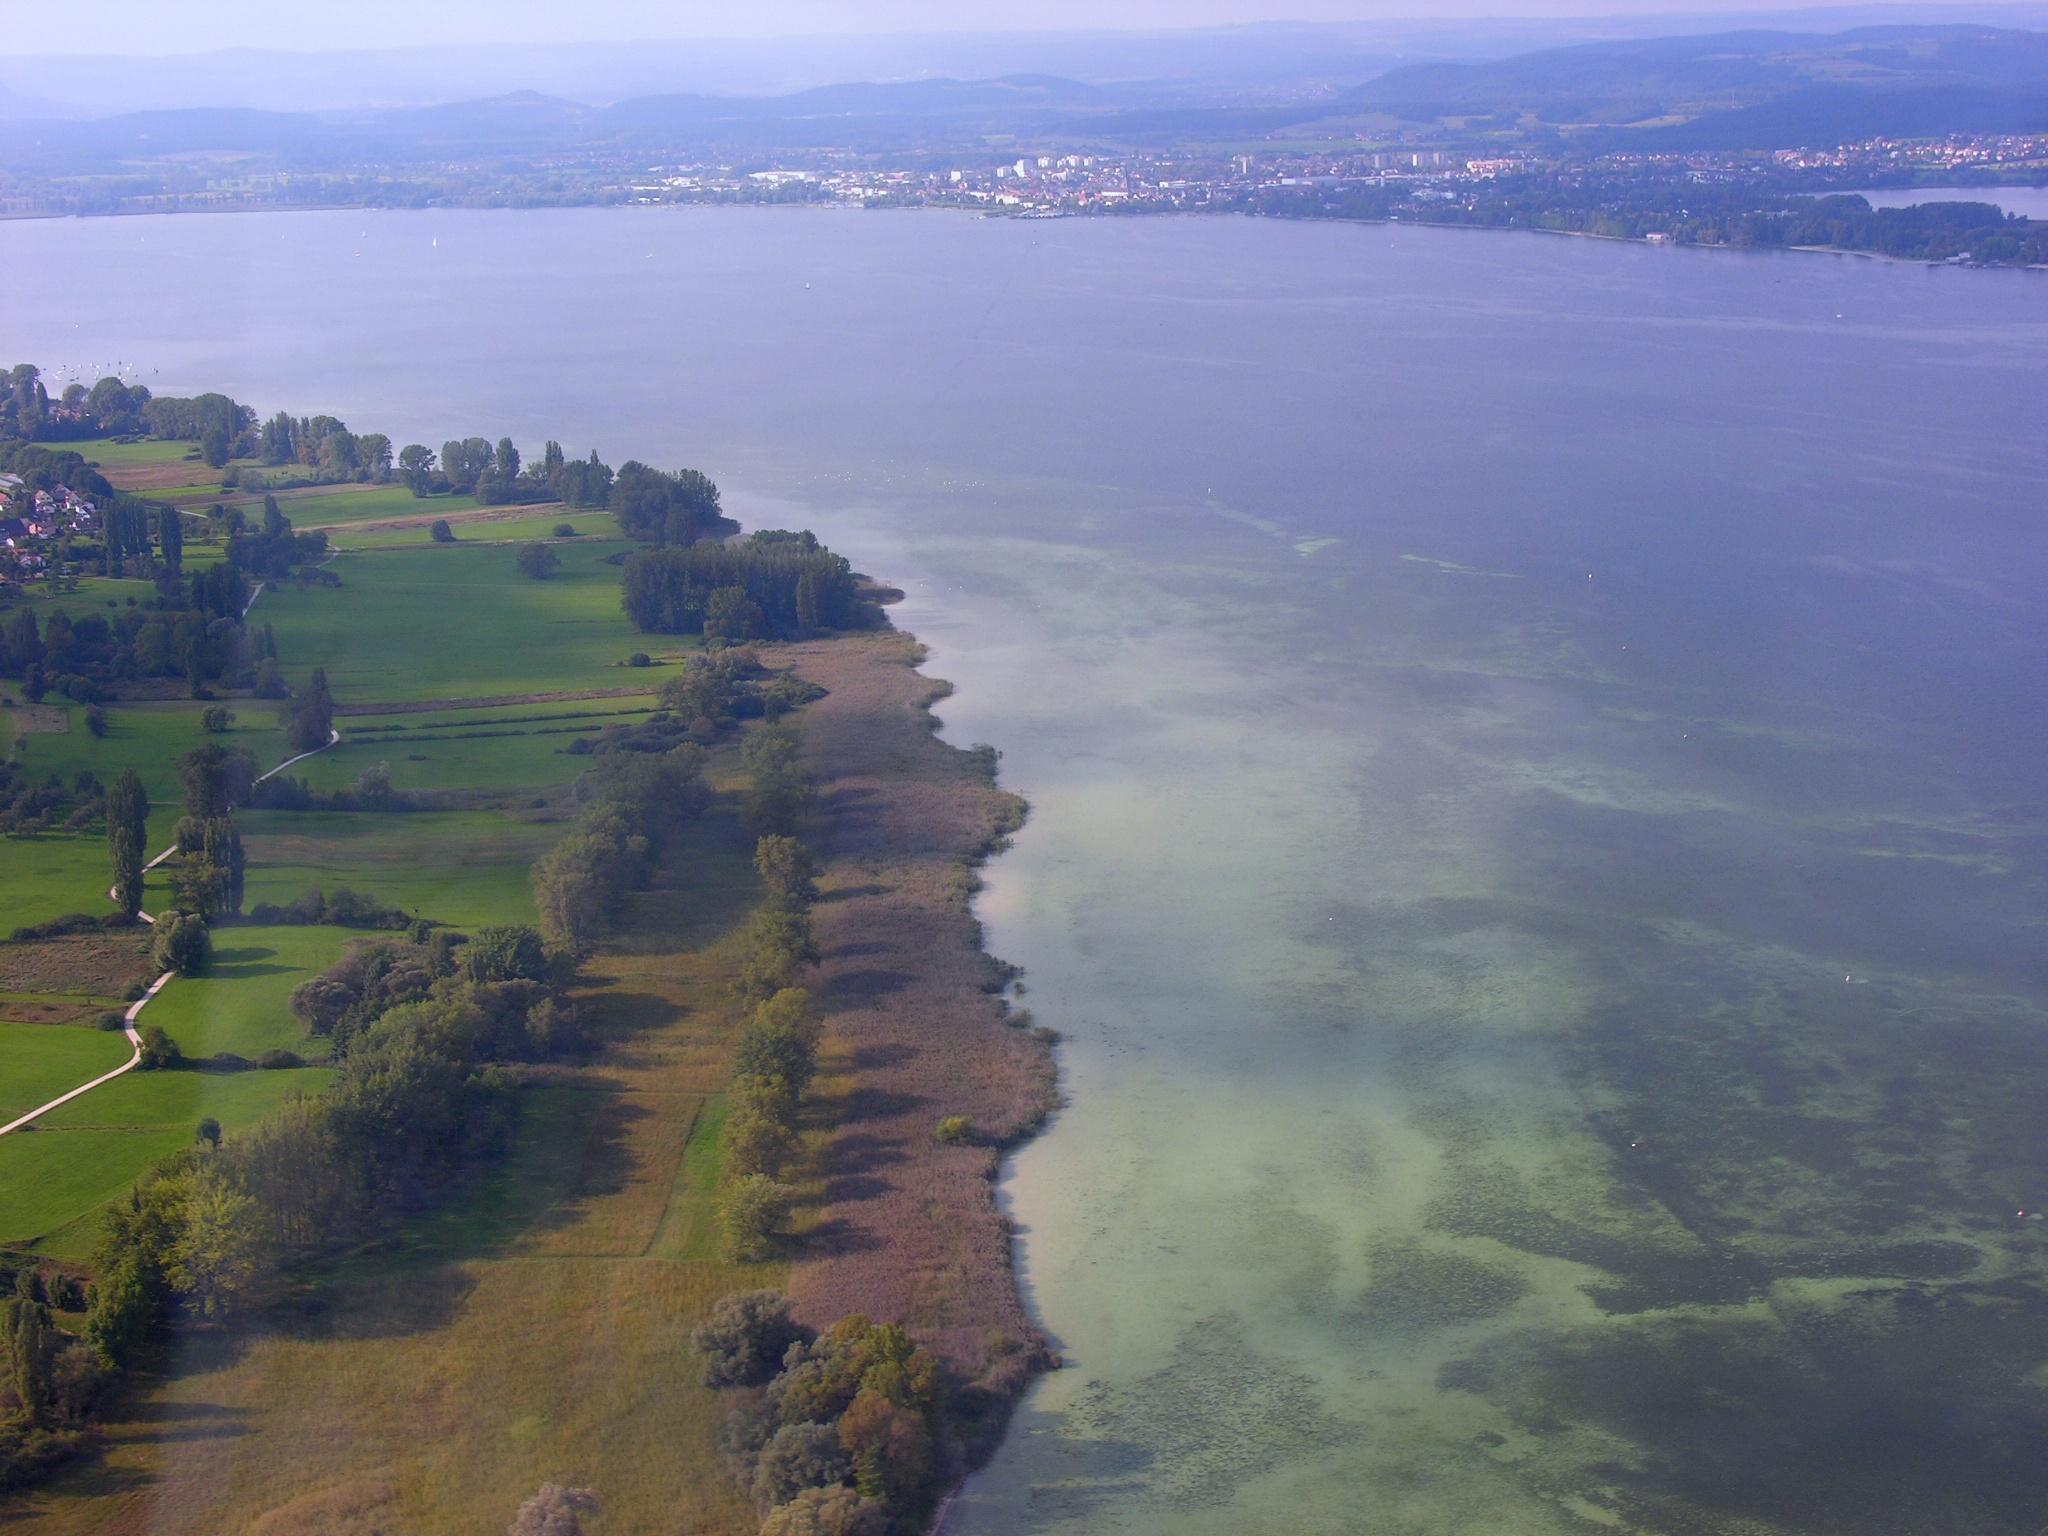 Zeller See, Luftbild mit Blick vom Naturschutzgebiet Hornspitze auf der Höri bei Gaienhofen in Richtung Radolfzell